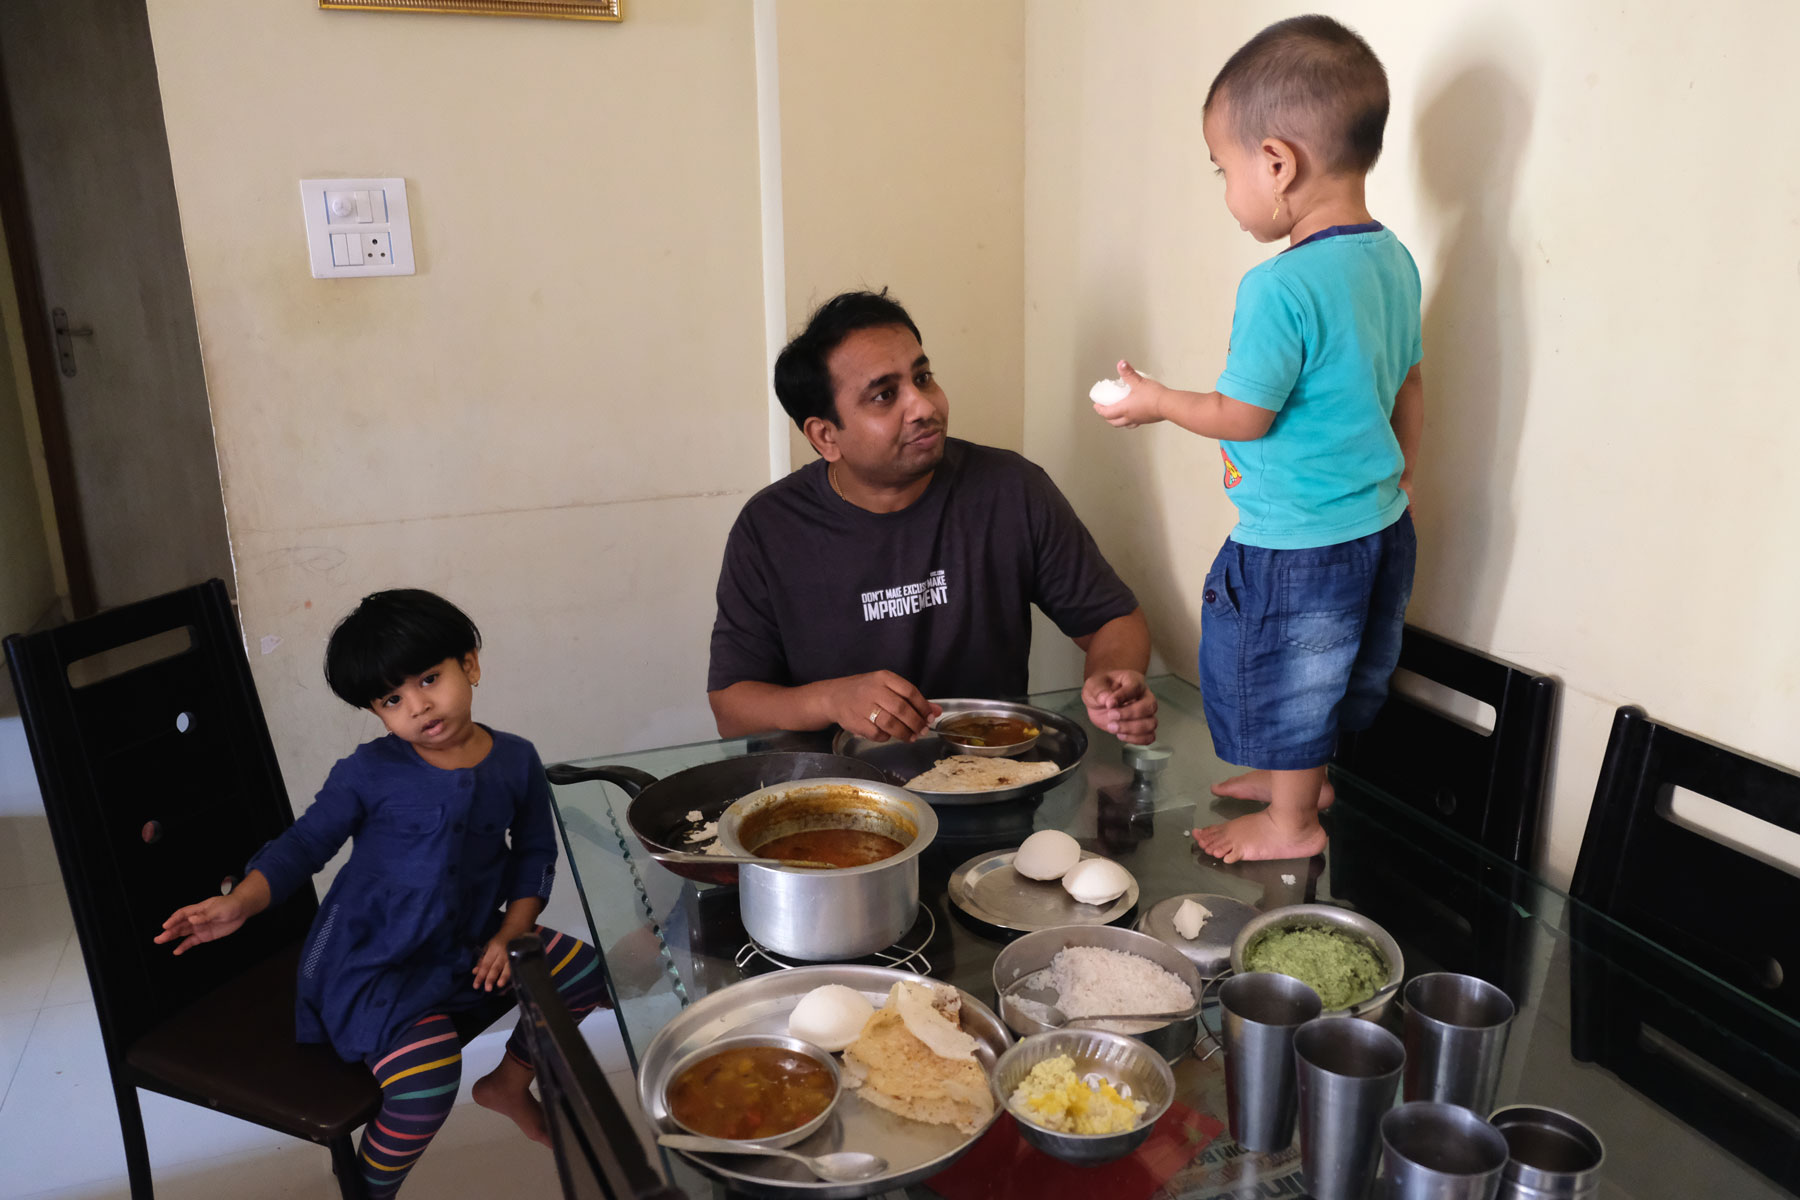 Unser Couchsurfing-Gastgeber Dheeraj und seine Kinder beim Frühstück.